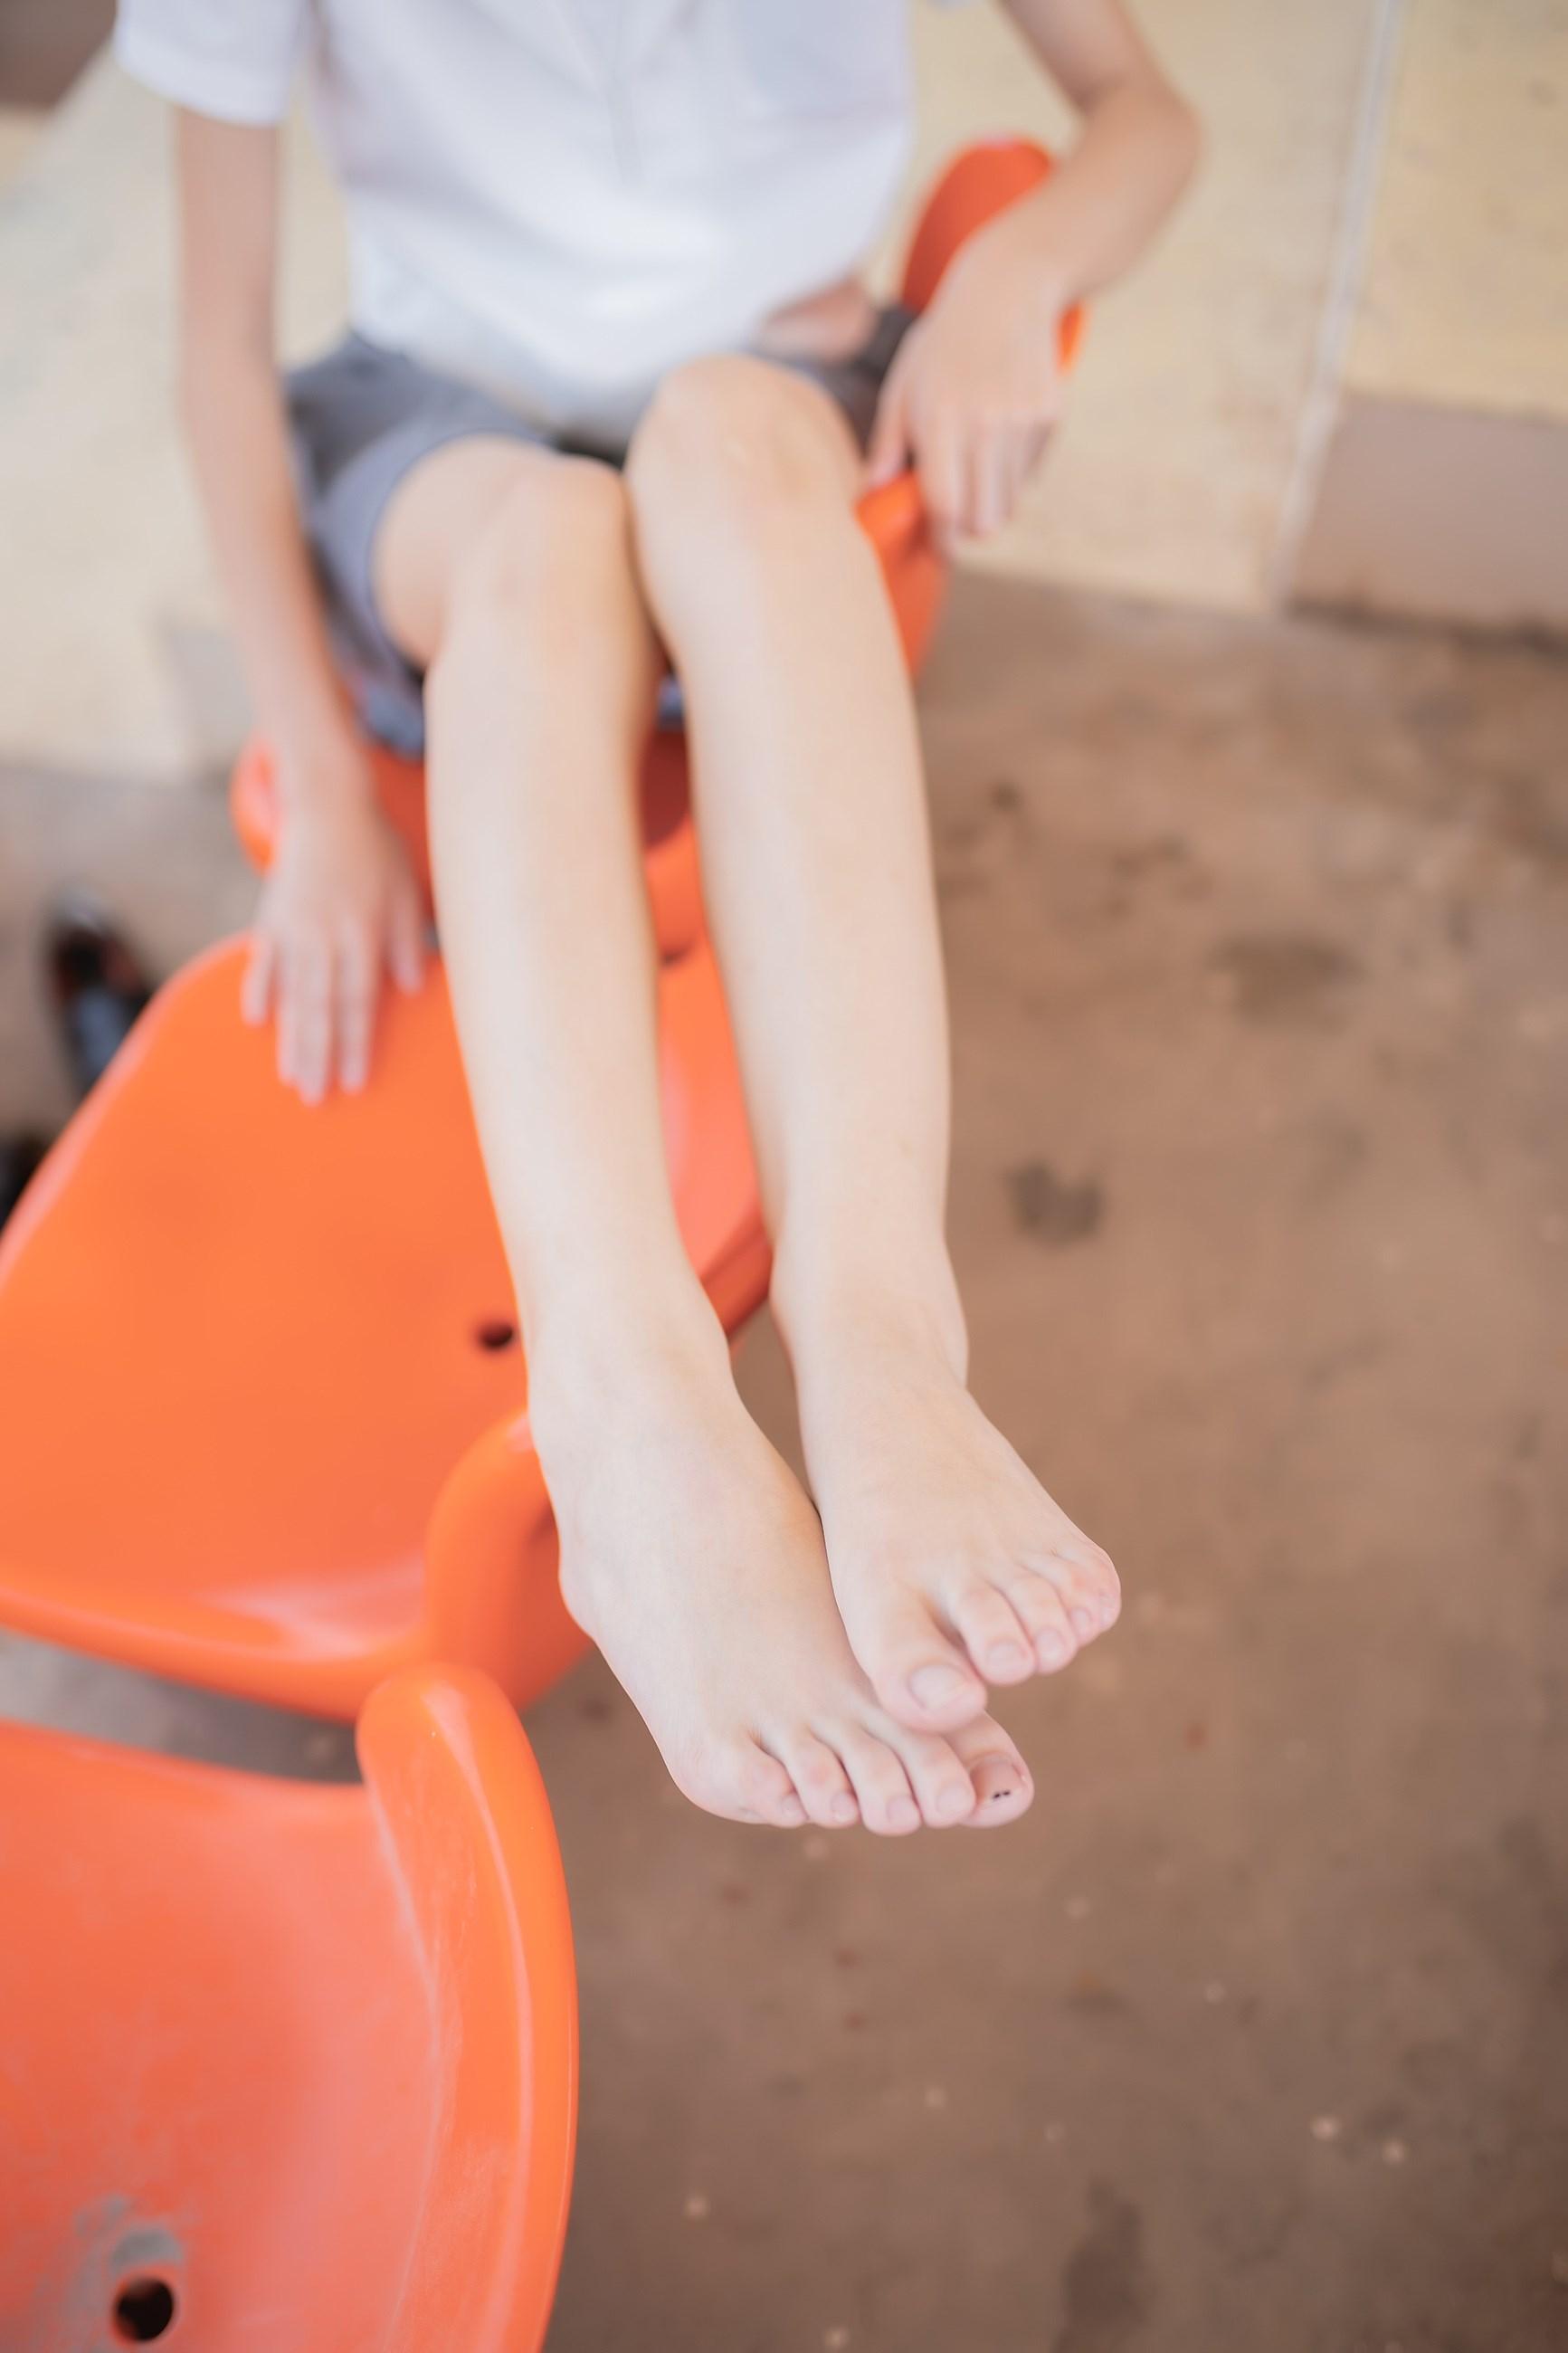 【兔玩映画】看台上的果腿少女 兔玩映画 第8张